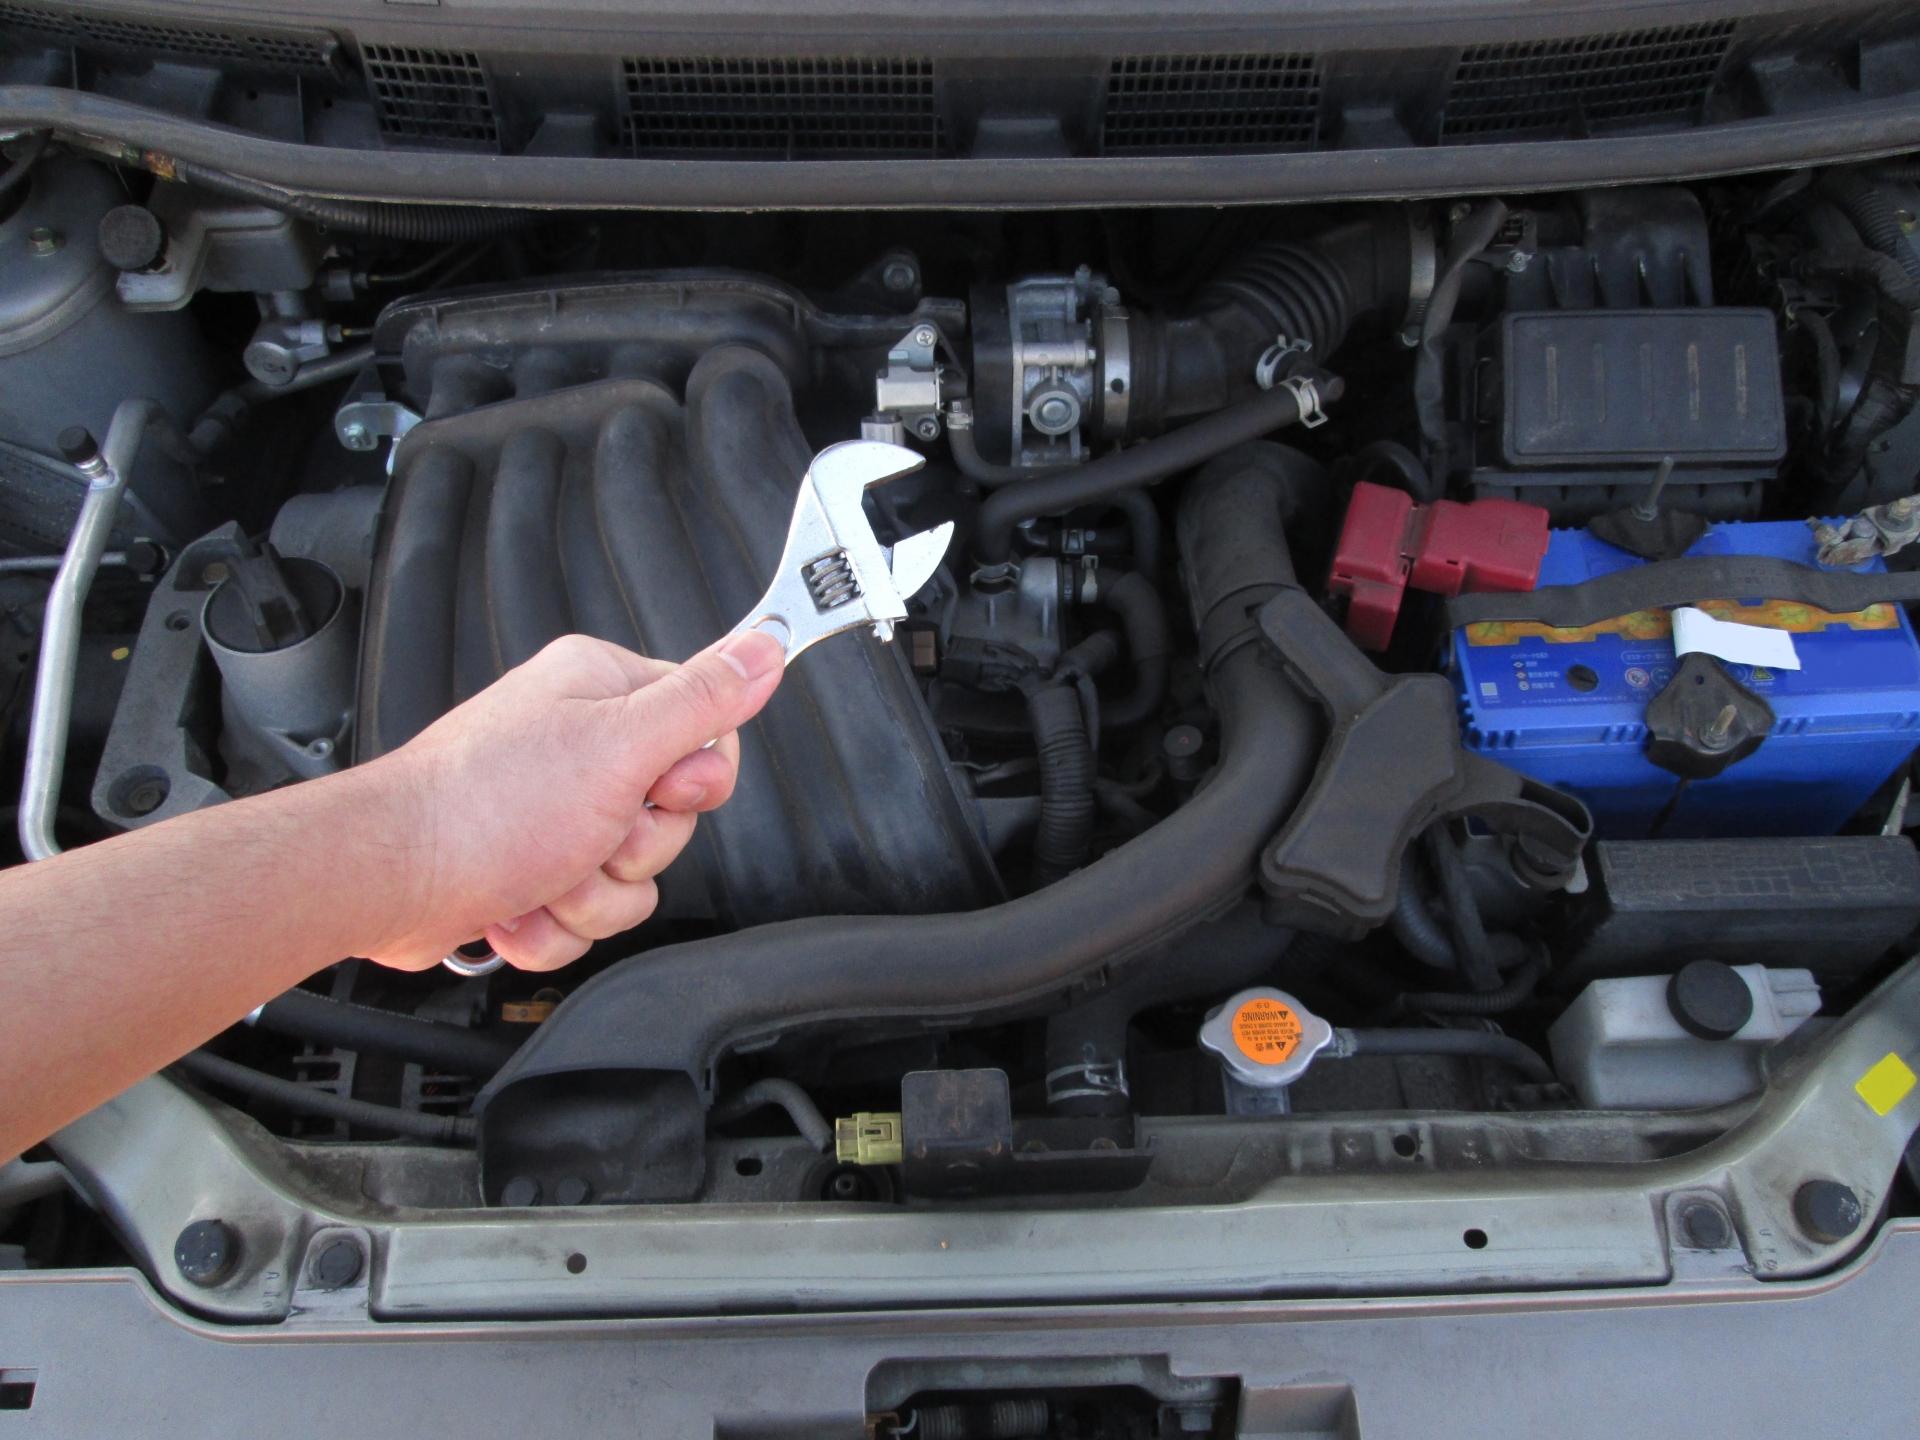 エンジンを始動すると異音が?考えられる原因や音の種類